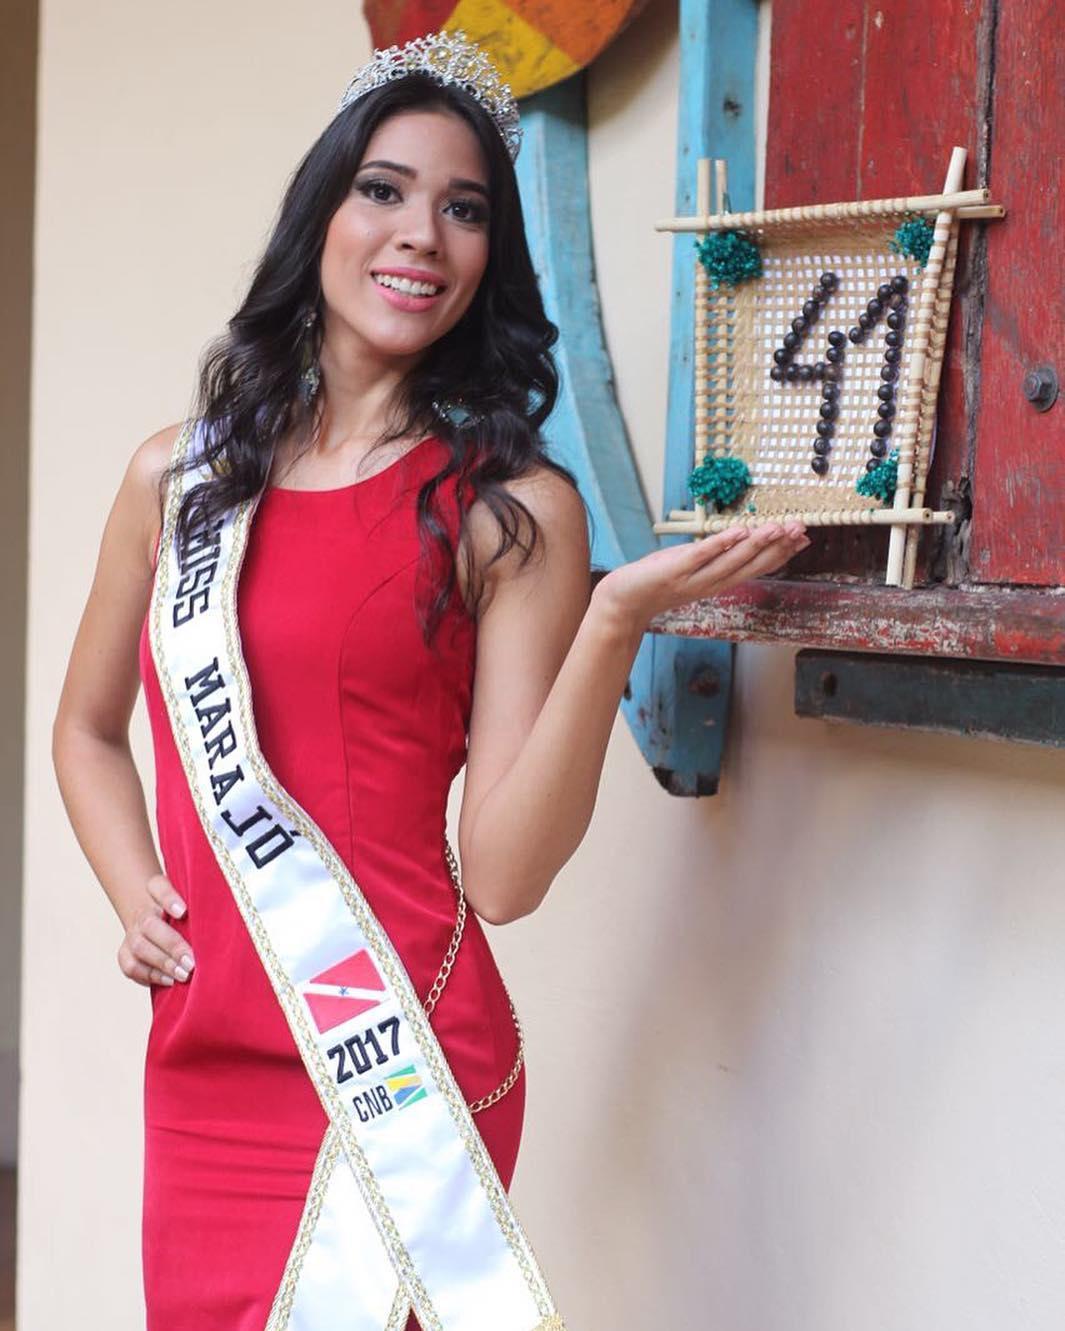 miss marajo, ilha do (miss ilha do marajo) mundo 2017, flavia lacerda. 19625011